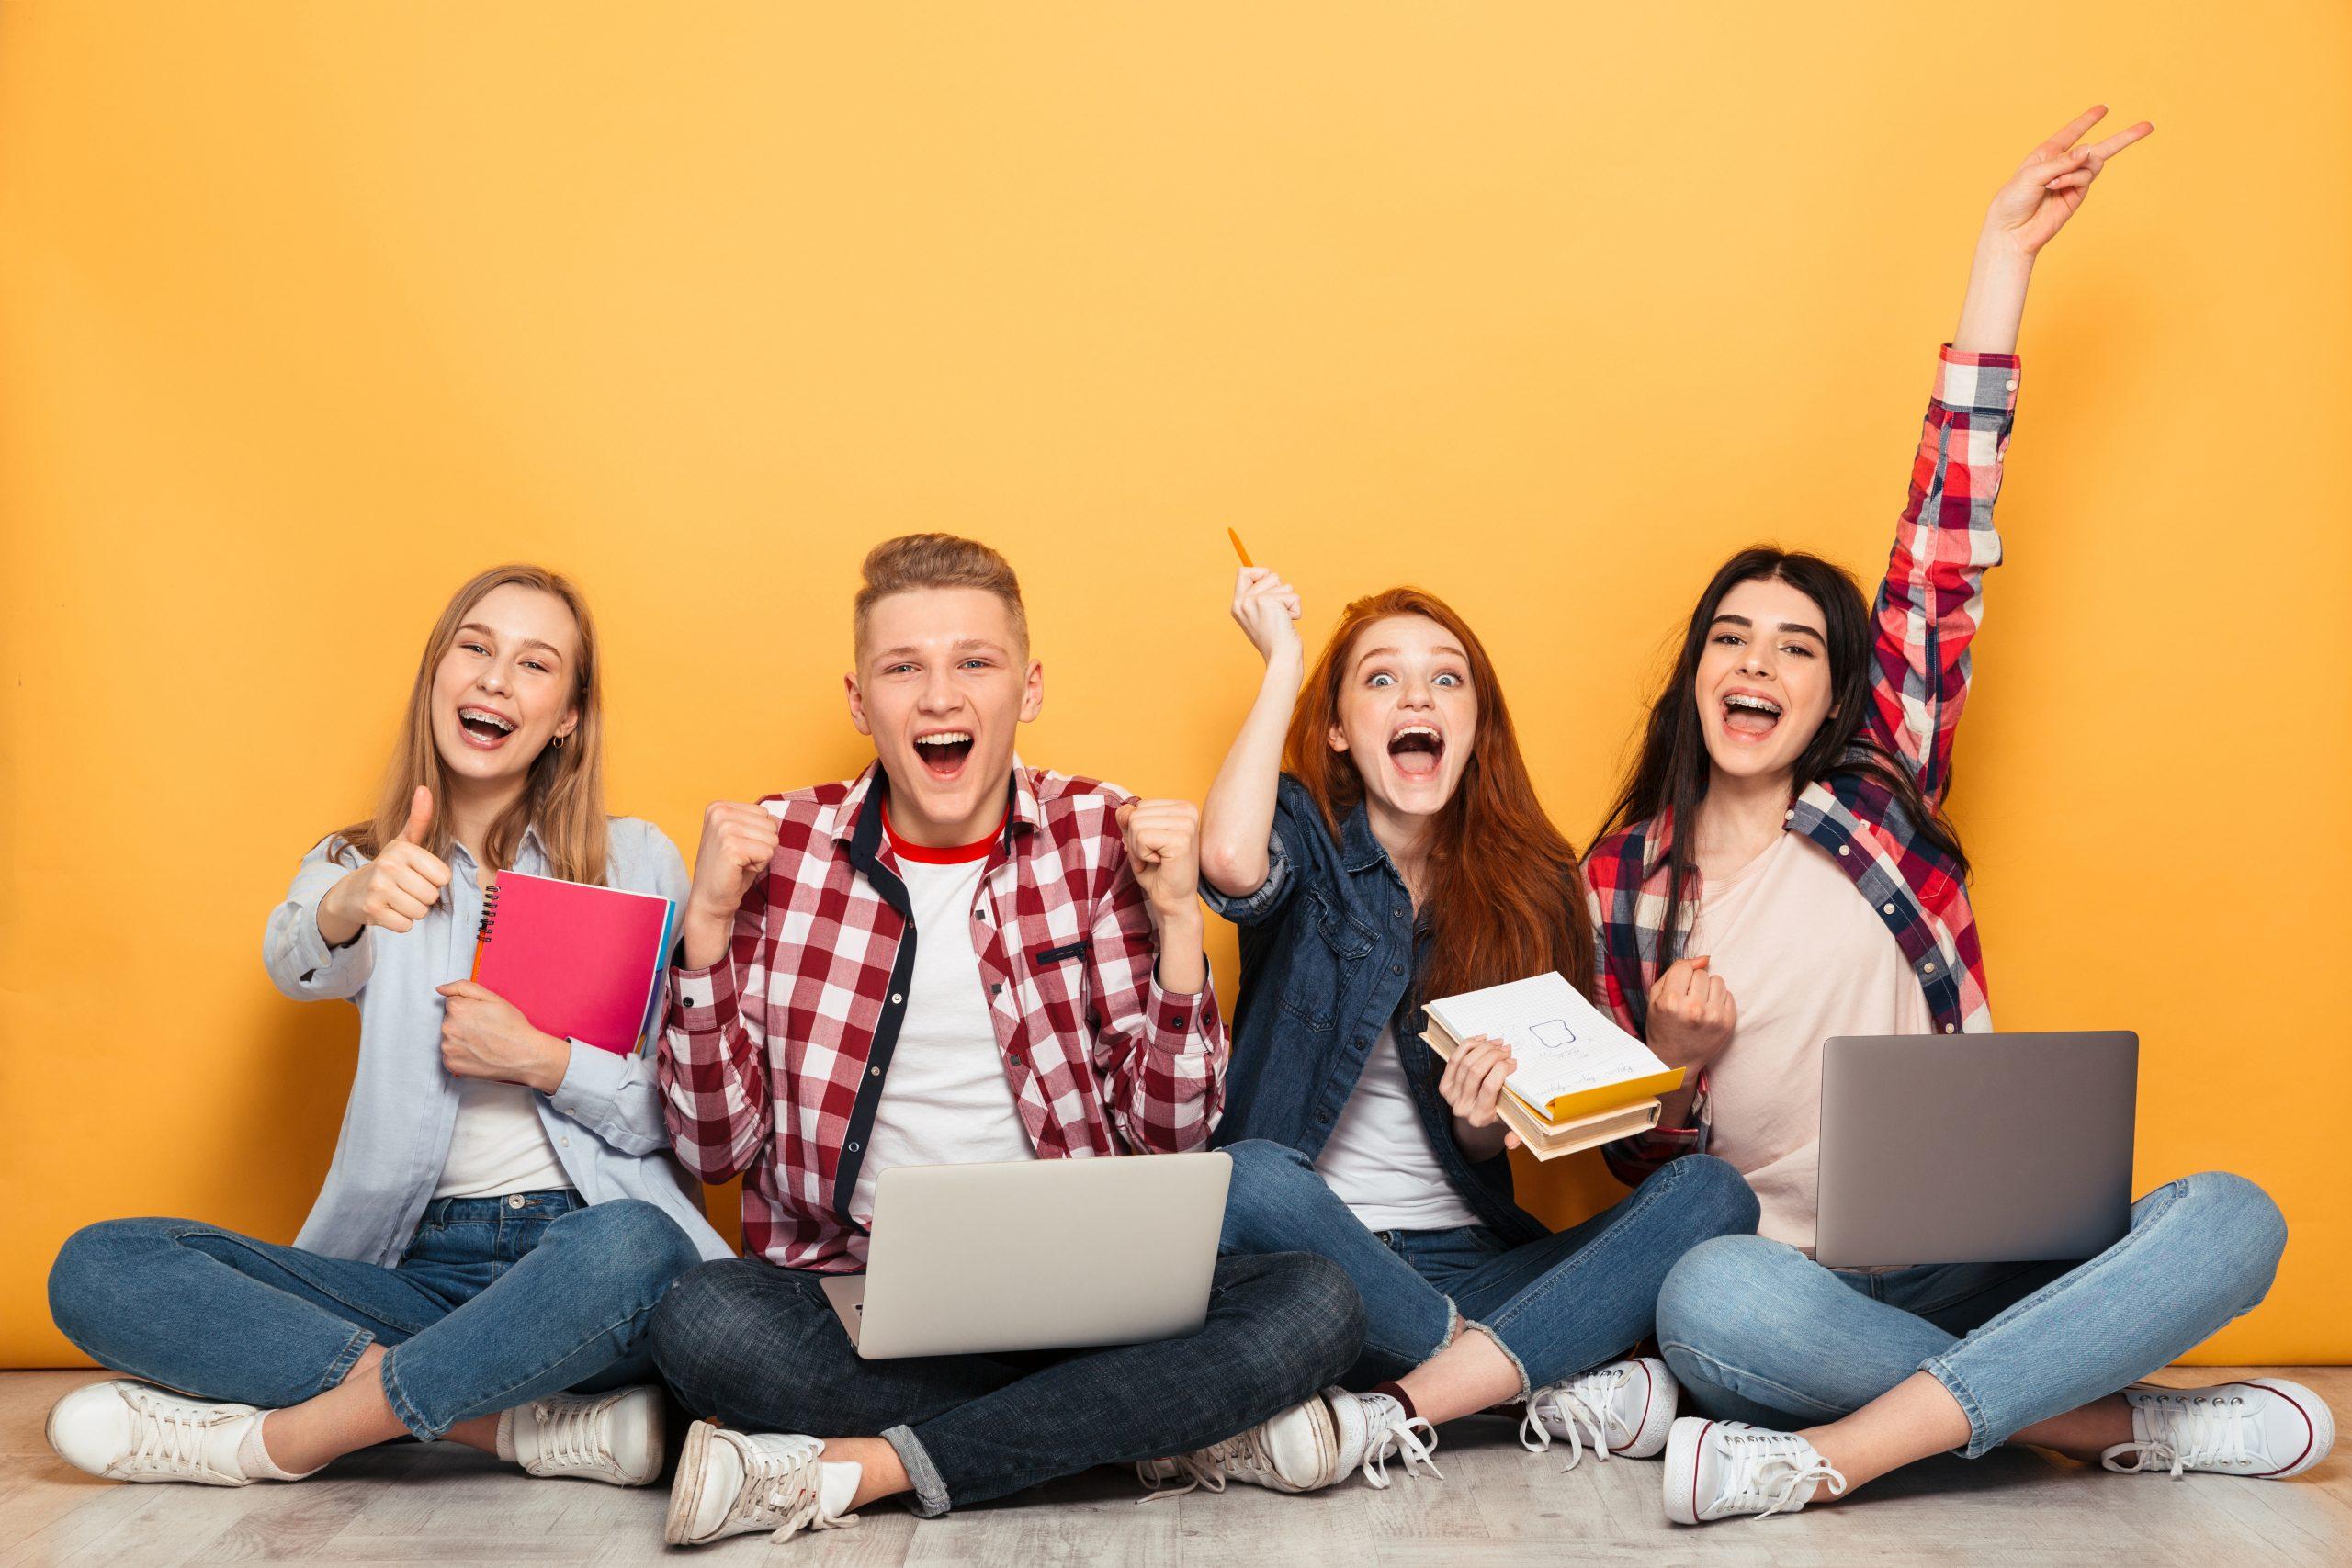 Zúčastněte se studentské soutěže Spotřeba pro život 2021